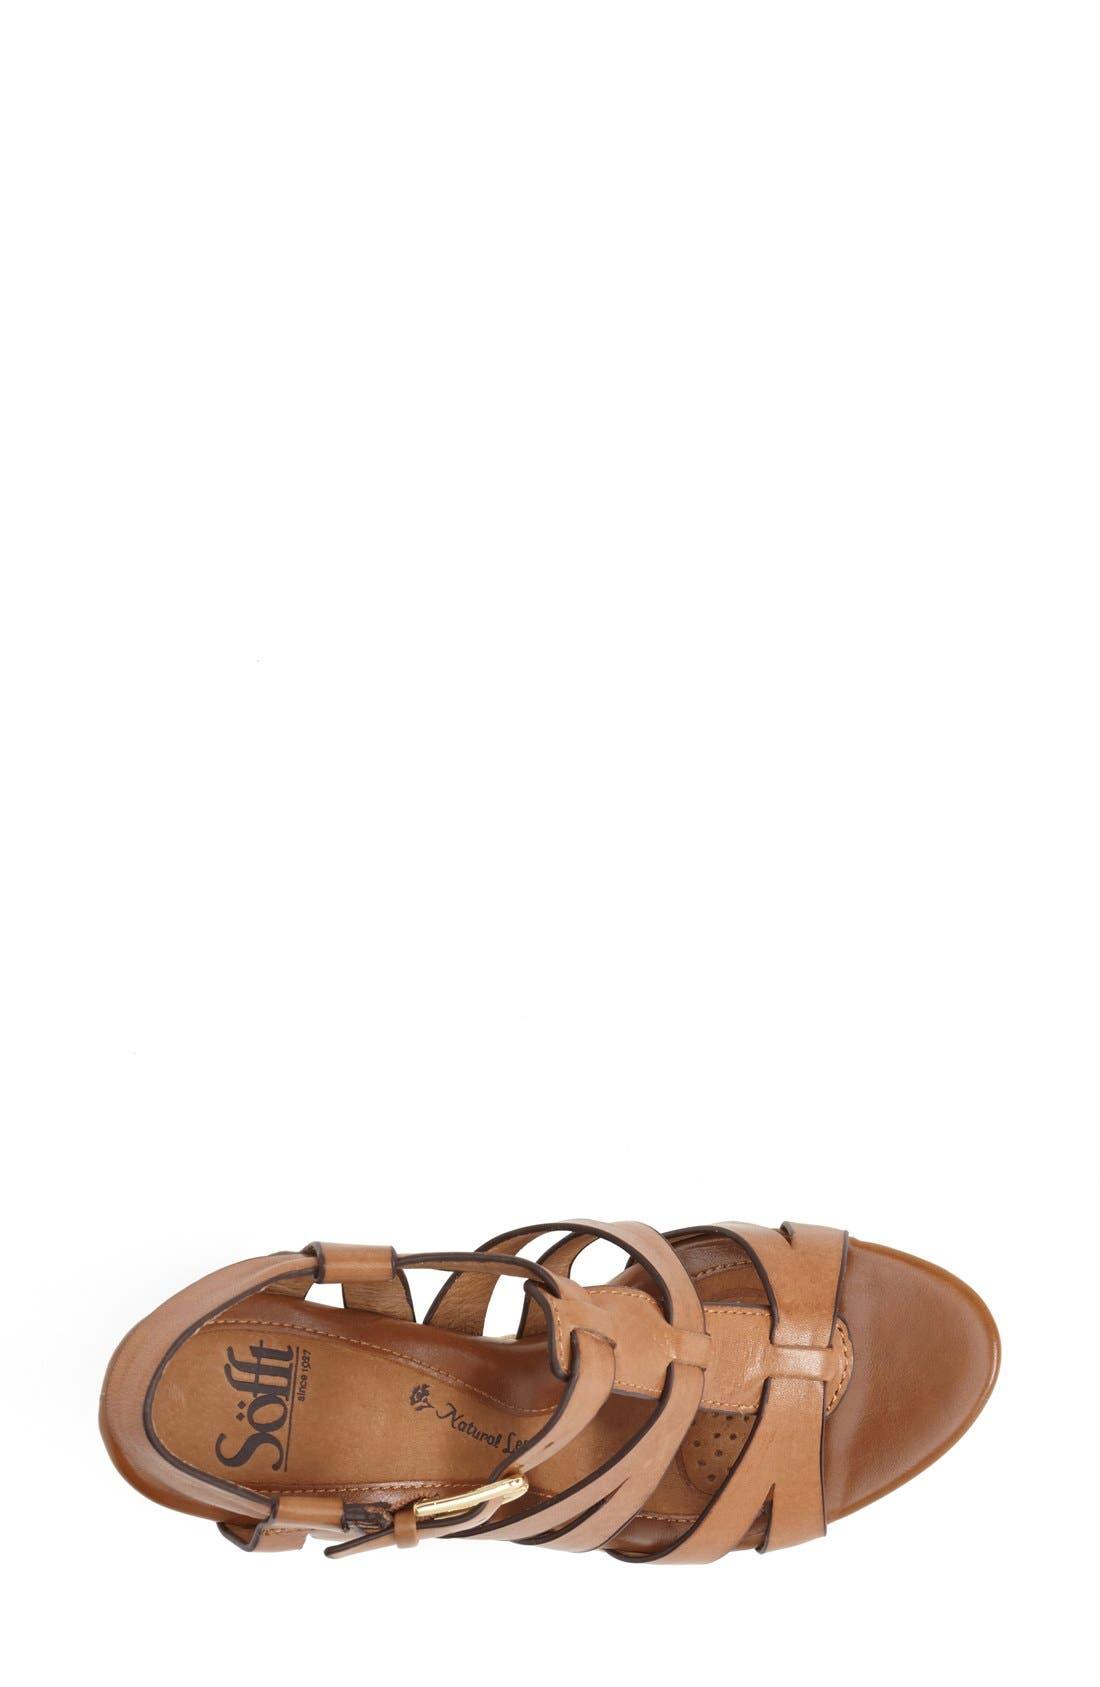 Alternate Image 3  - Söfft 'Pahana' Espadrille Wedge Sandal (Women)